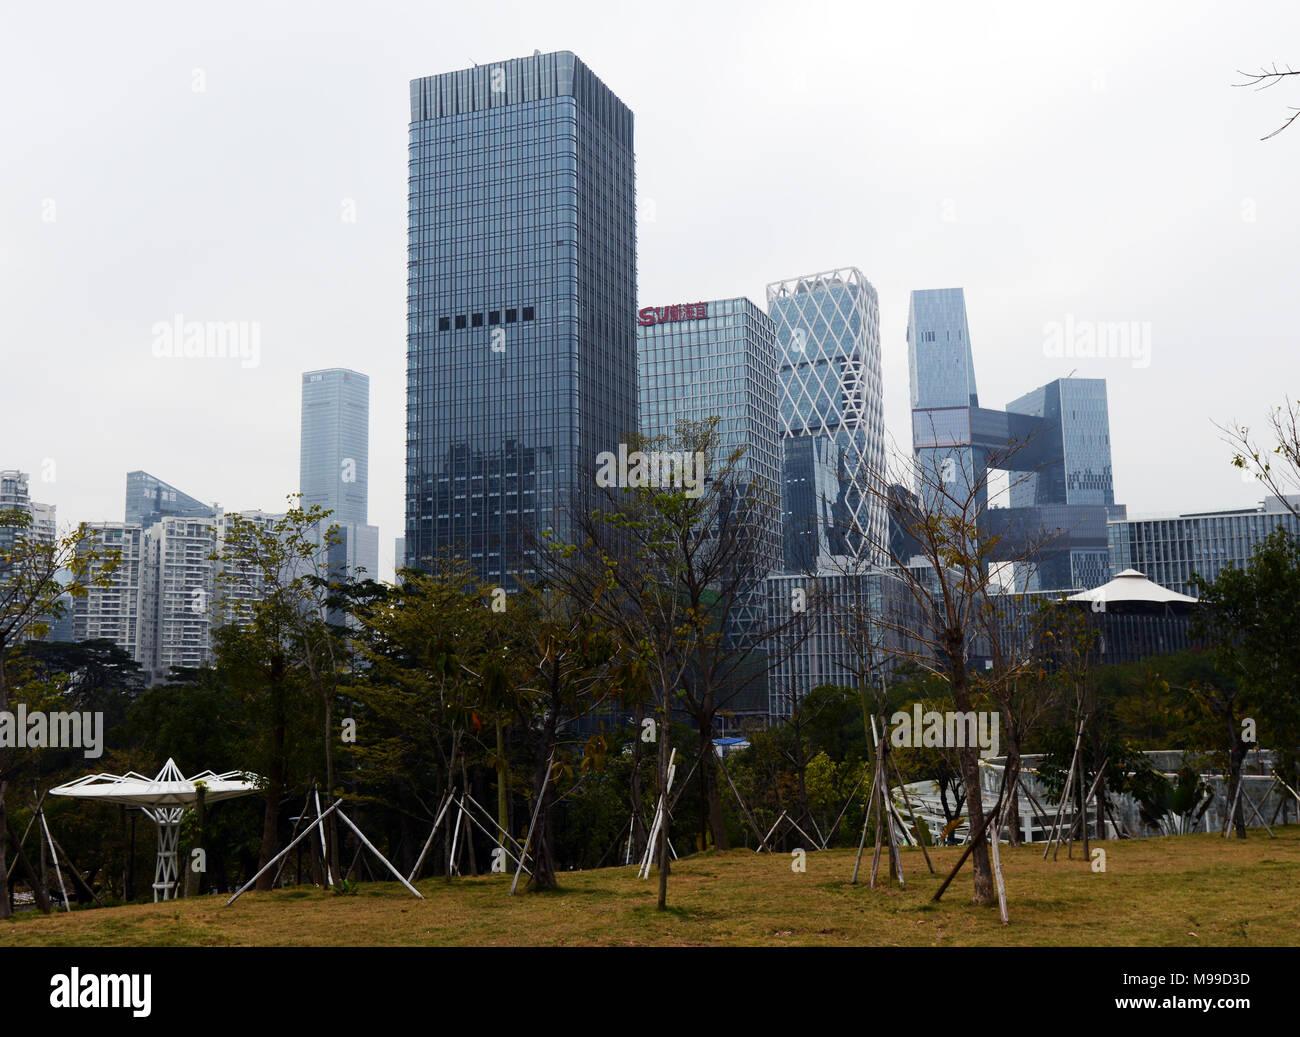 Les gratte-ciel modernes et les bâtiments à Shenzhen's Software Base industrielle. Photo Stock